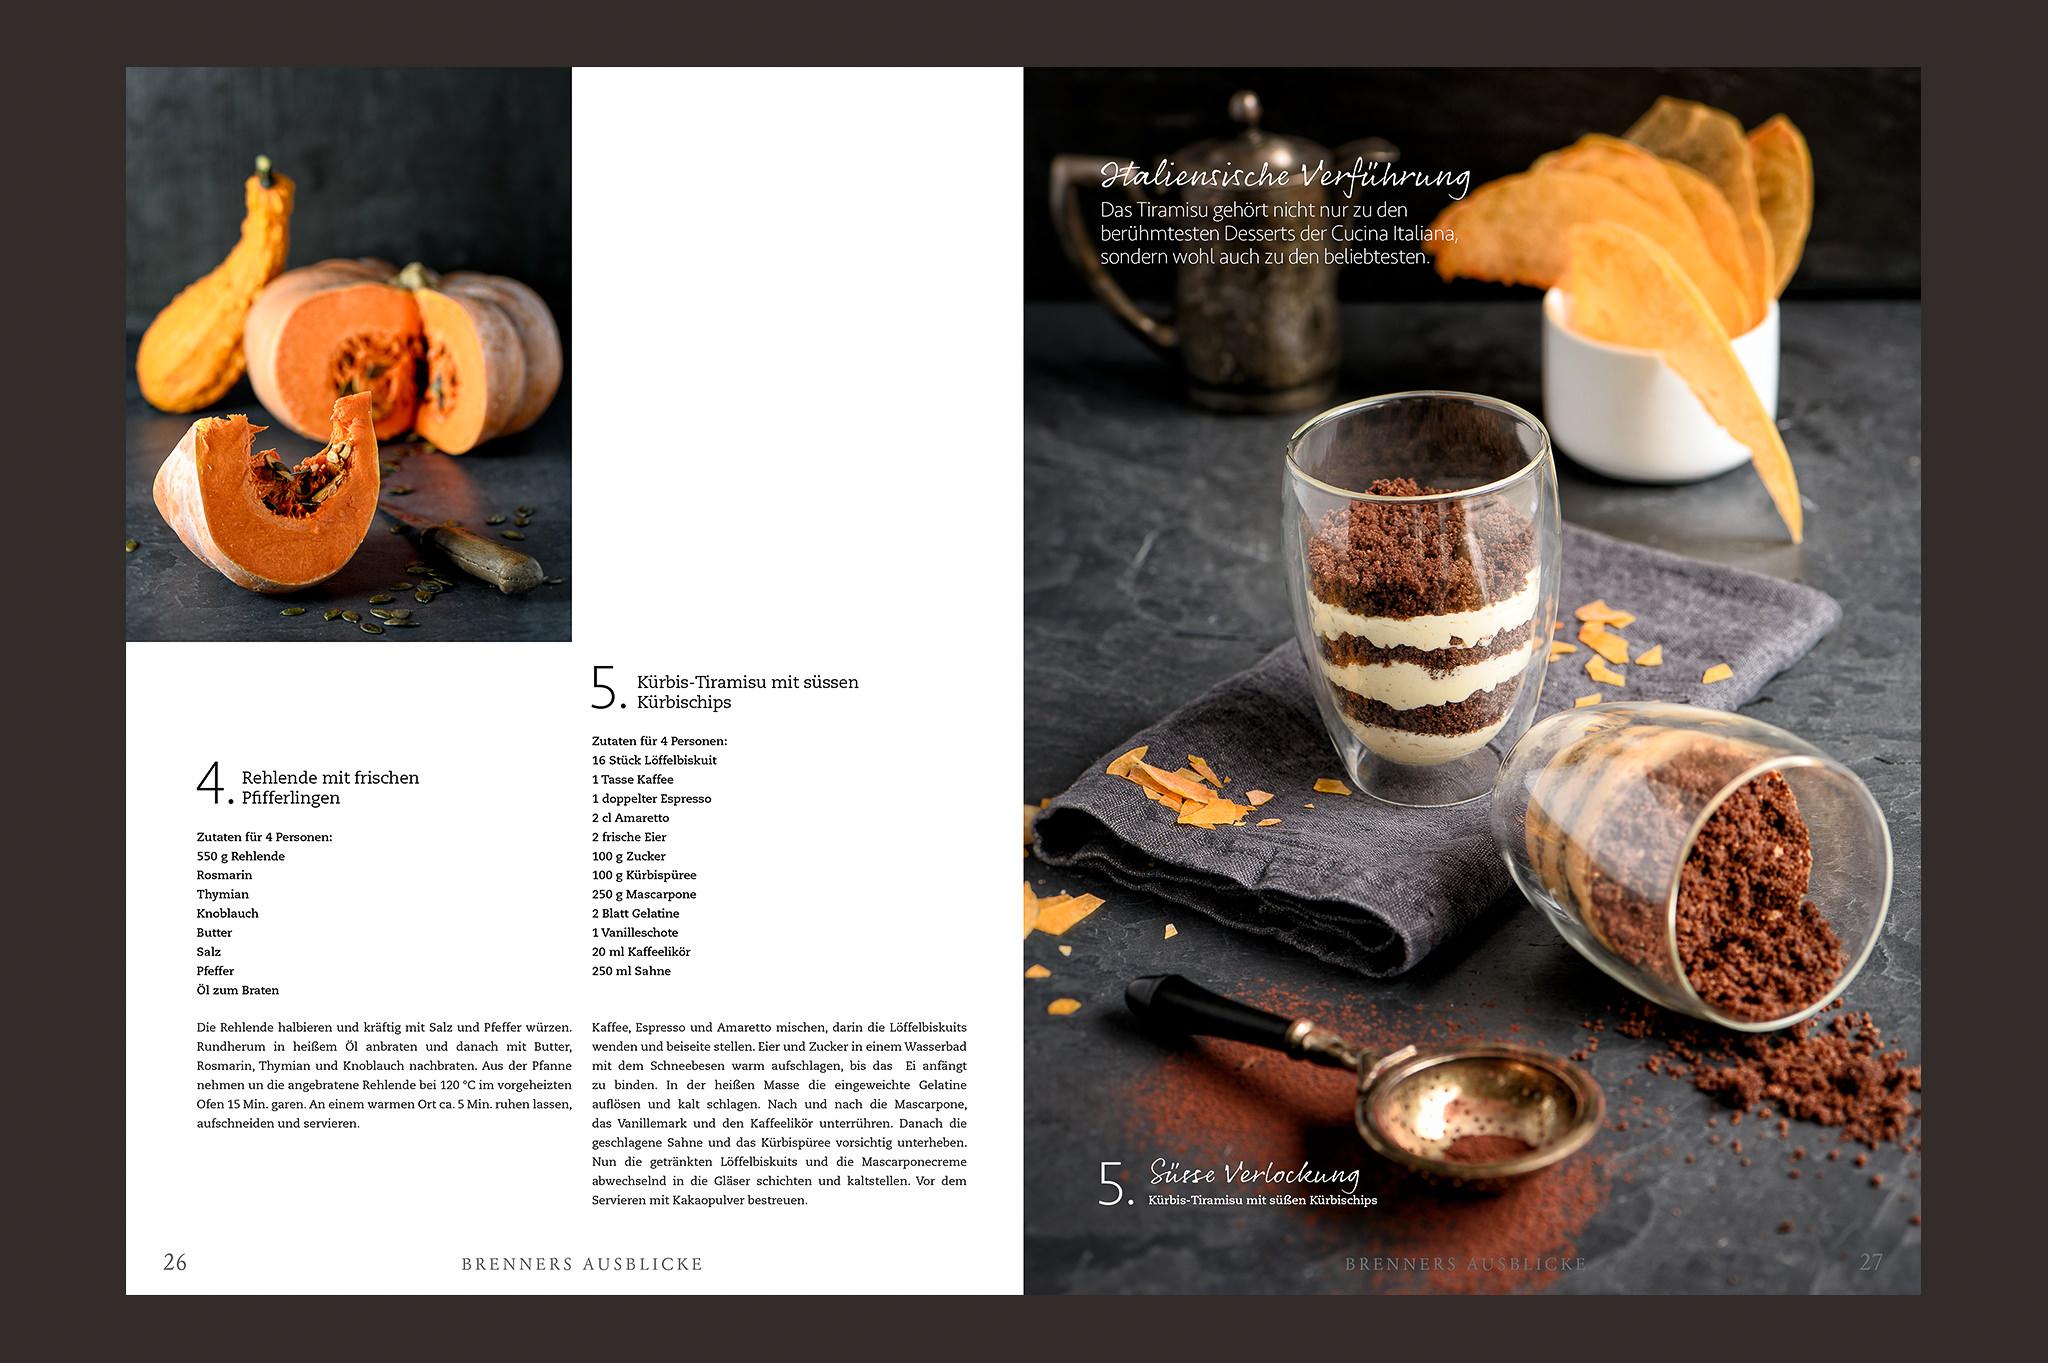 Tear-Sheet-Brenners-Ausblicke-Food-4